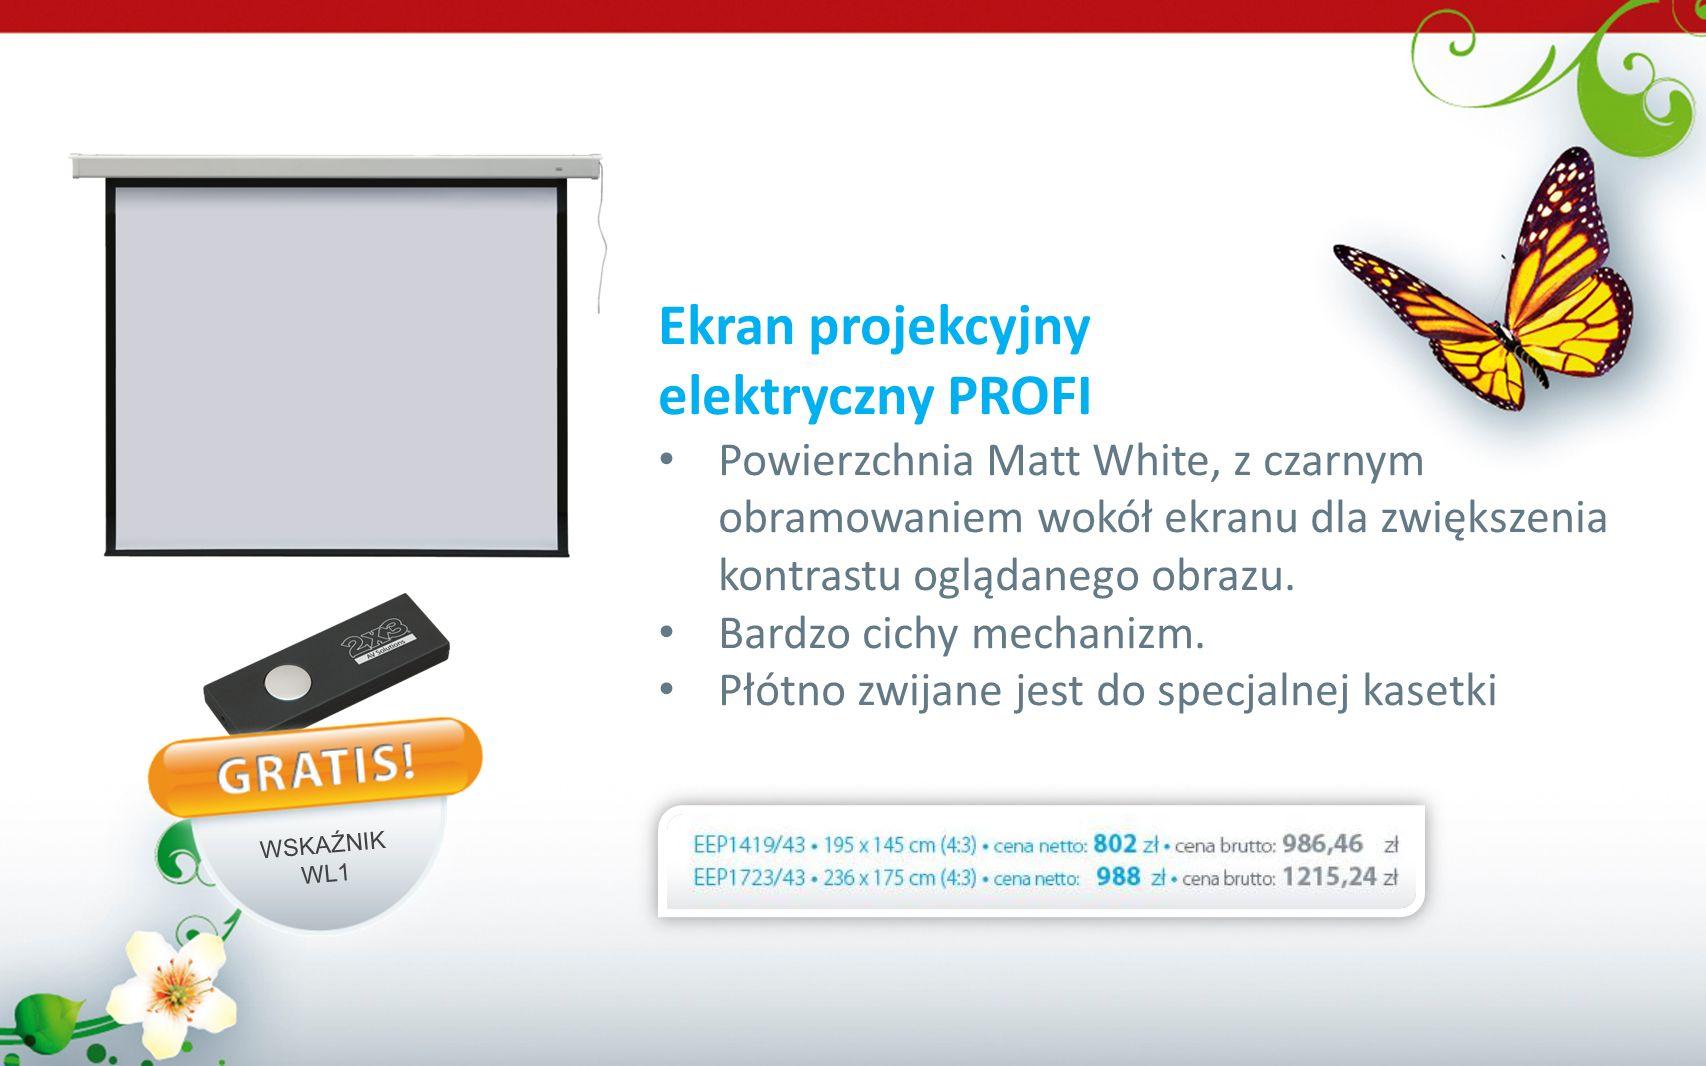 Ekran projekcyjny elektryczny PROFI Powierzchnia Matt White, z czarnym obramowaniem wokół ekranu dla zwiększenia kontrastu oglądanego obrazu. Bardzo c